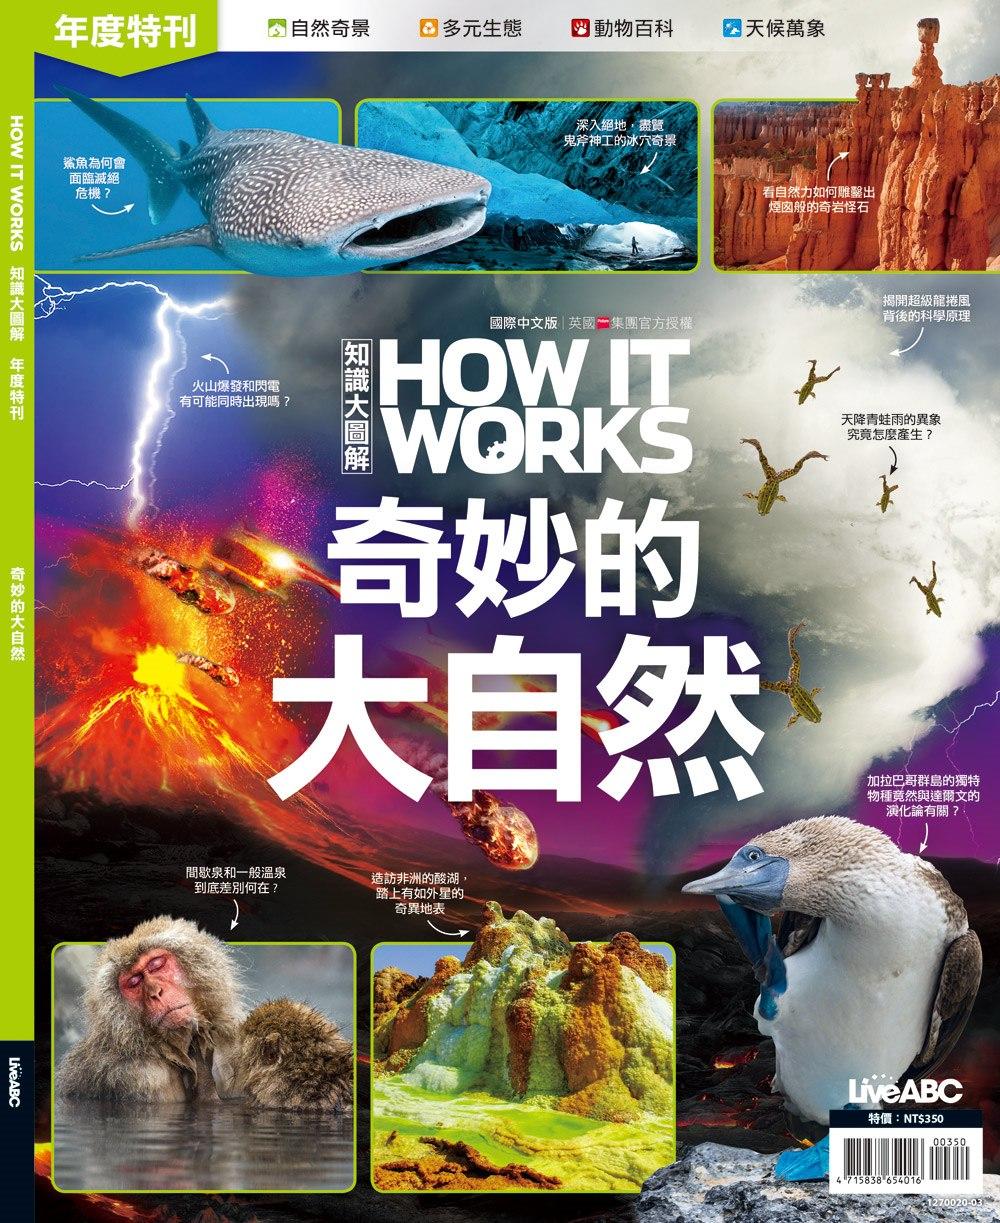 How it works知識大圖解 國際中文版 :年度特刊 奇妙的大自然